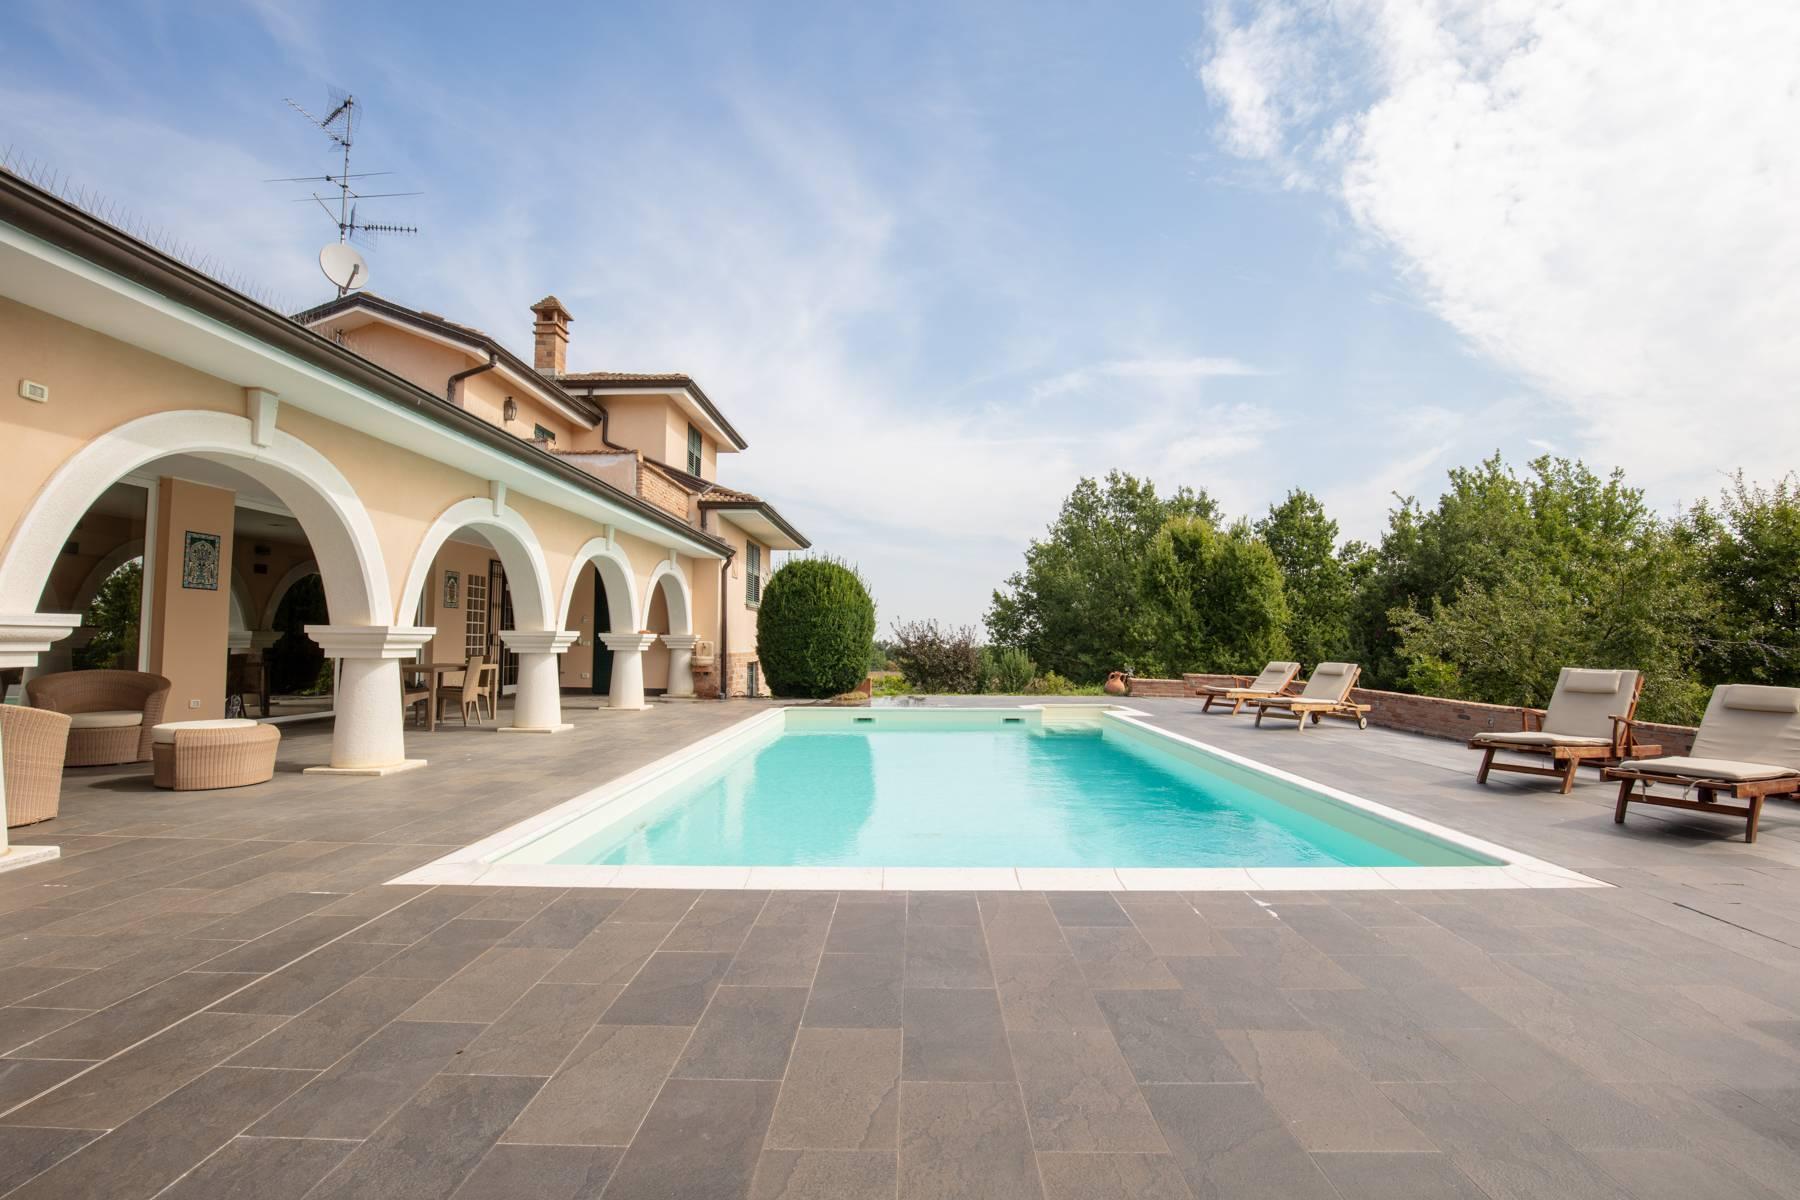 Villa con piscina nelle colline piacentine - 3